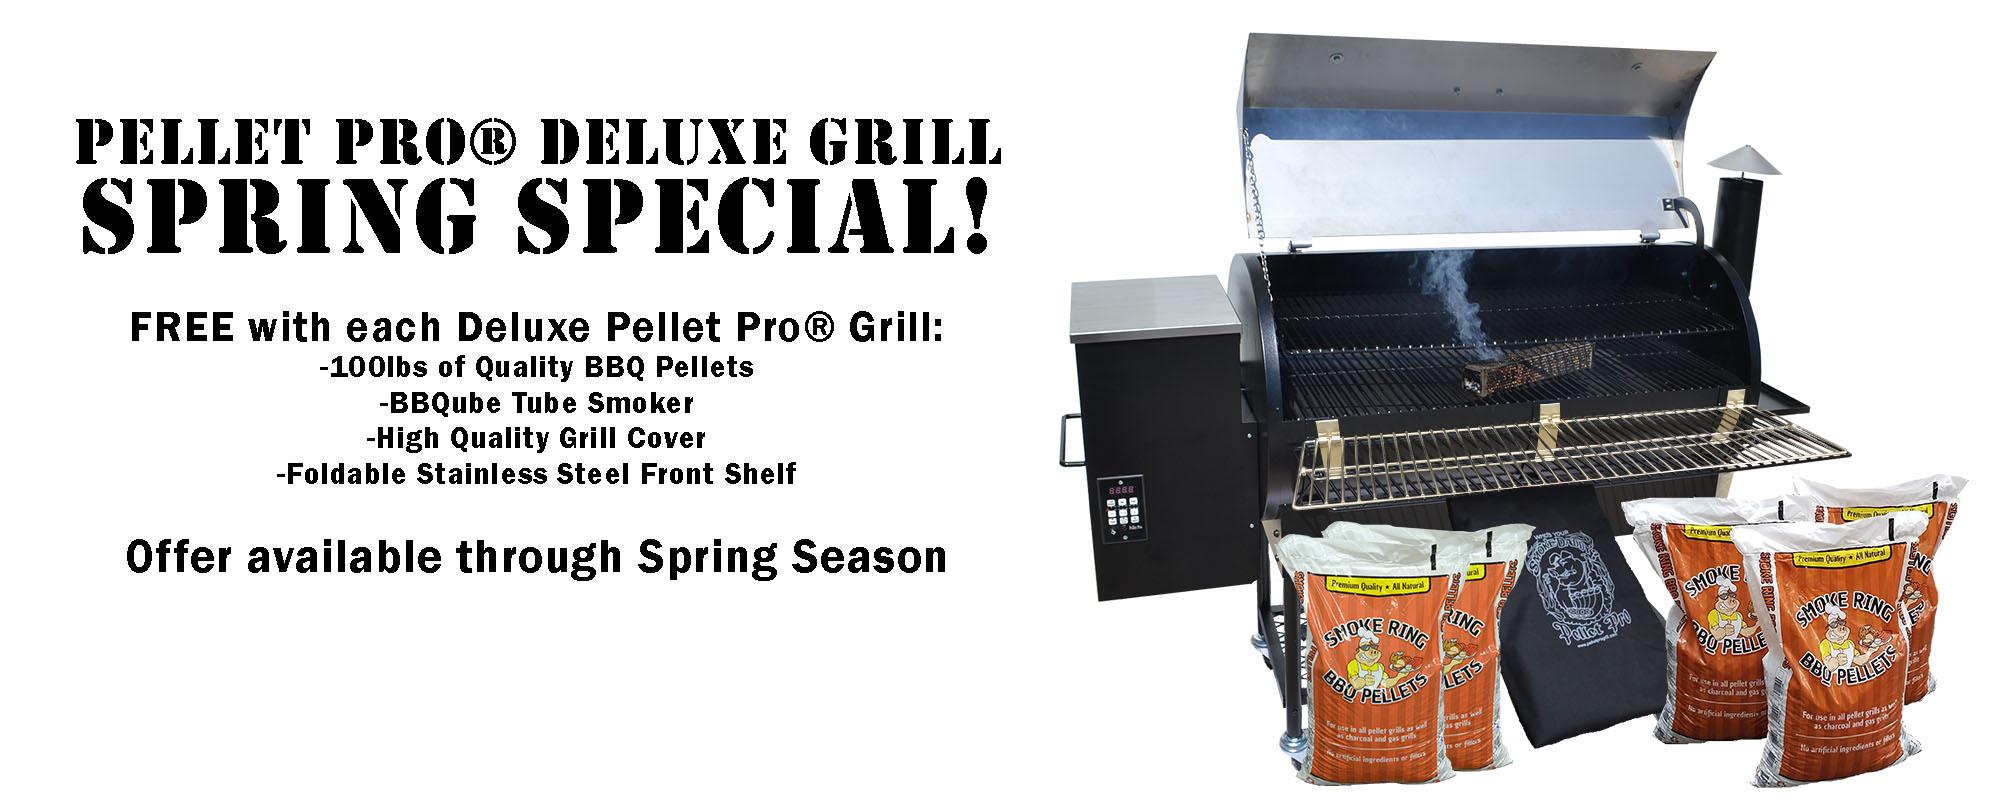 pellet_grill_spring_special